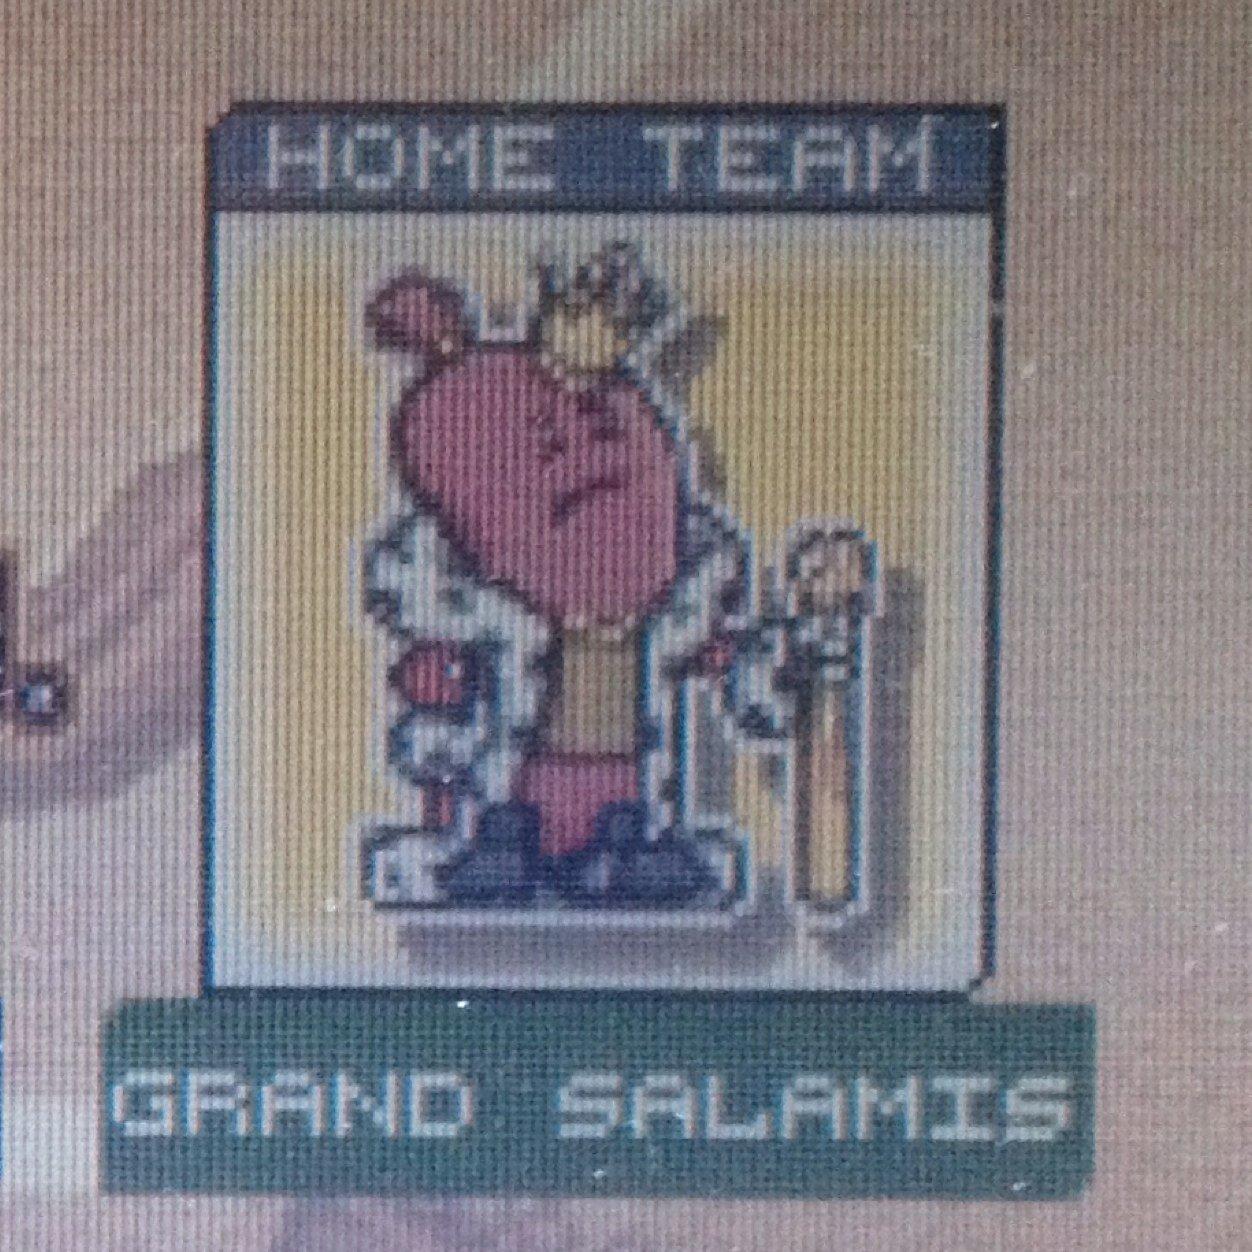 the grand salamis grandsalamis twitter